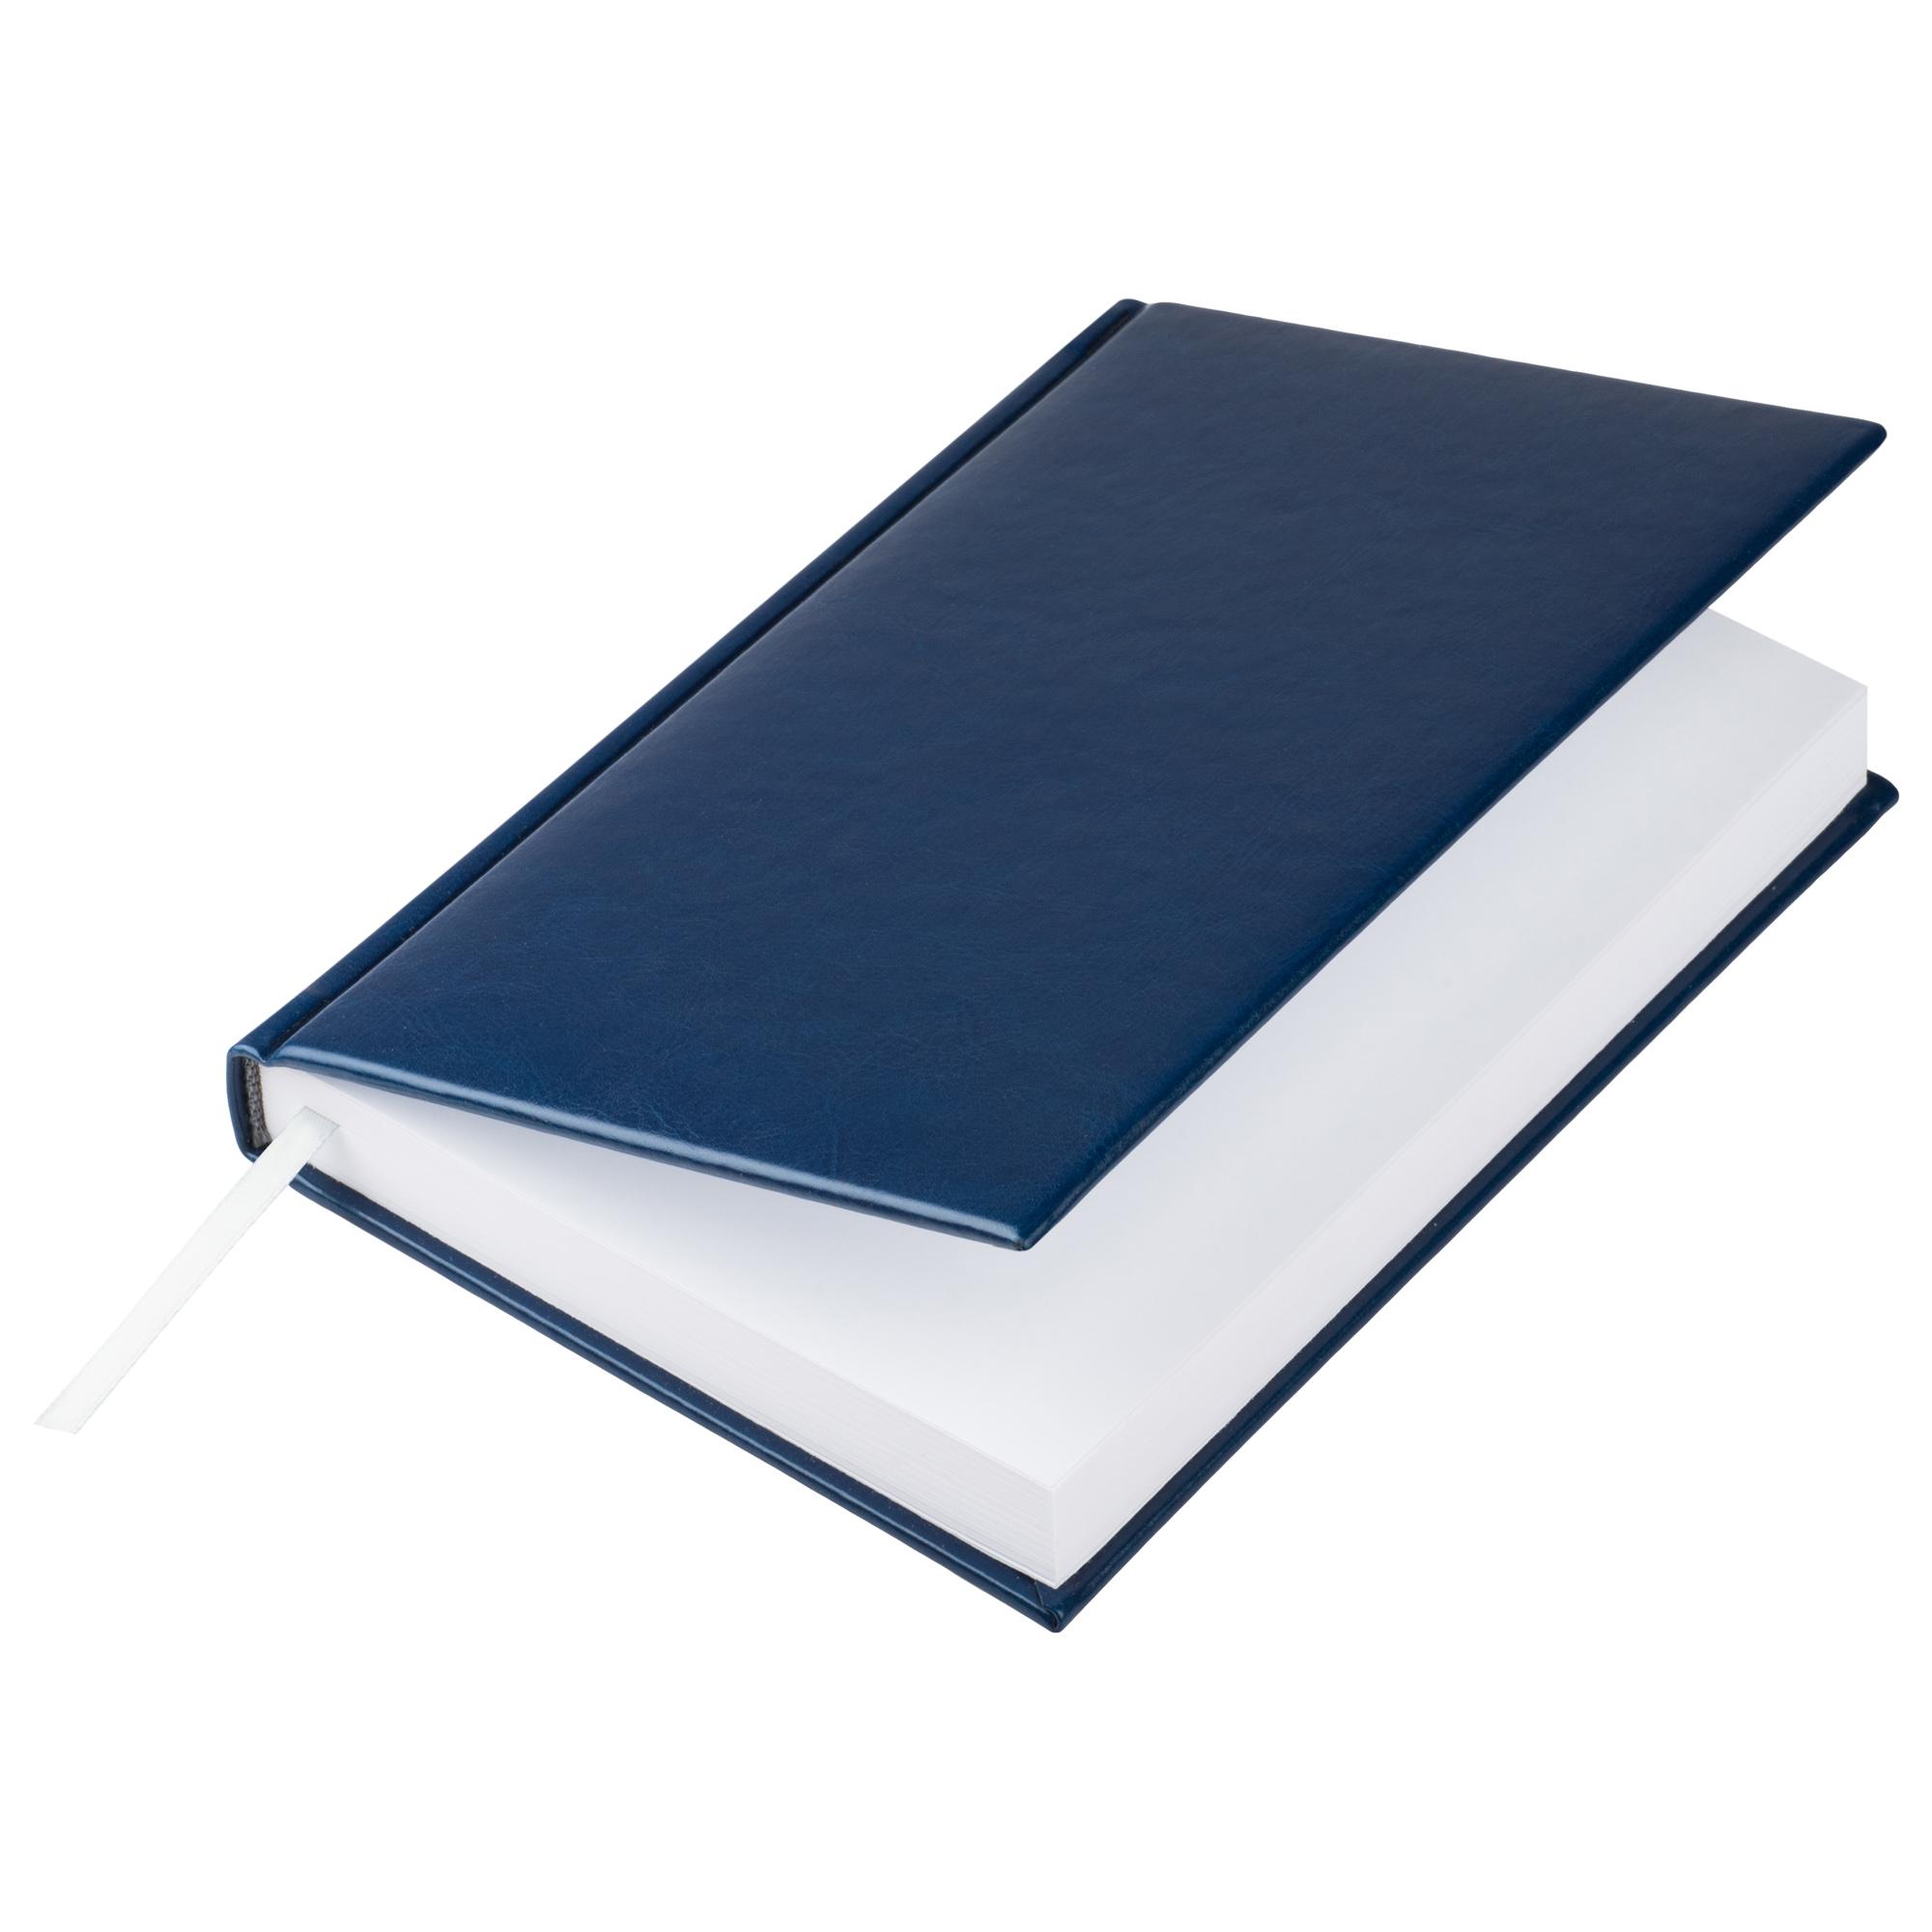 Eжедневник недатированный Birmingham 145х205 мм, блок без календаря, синий, без прошивки